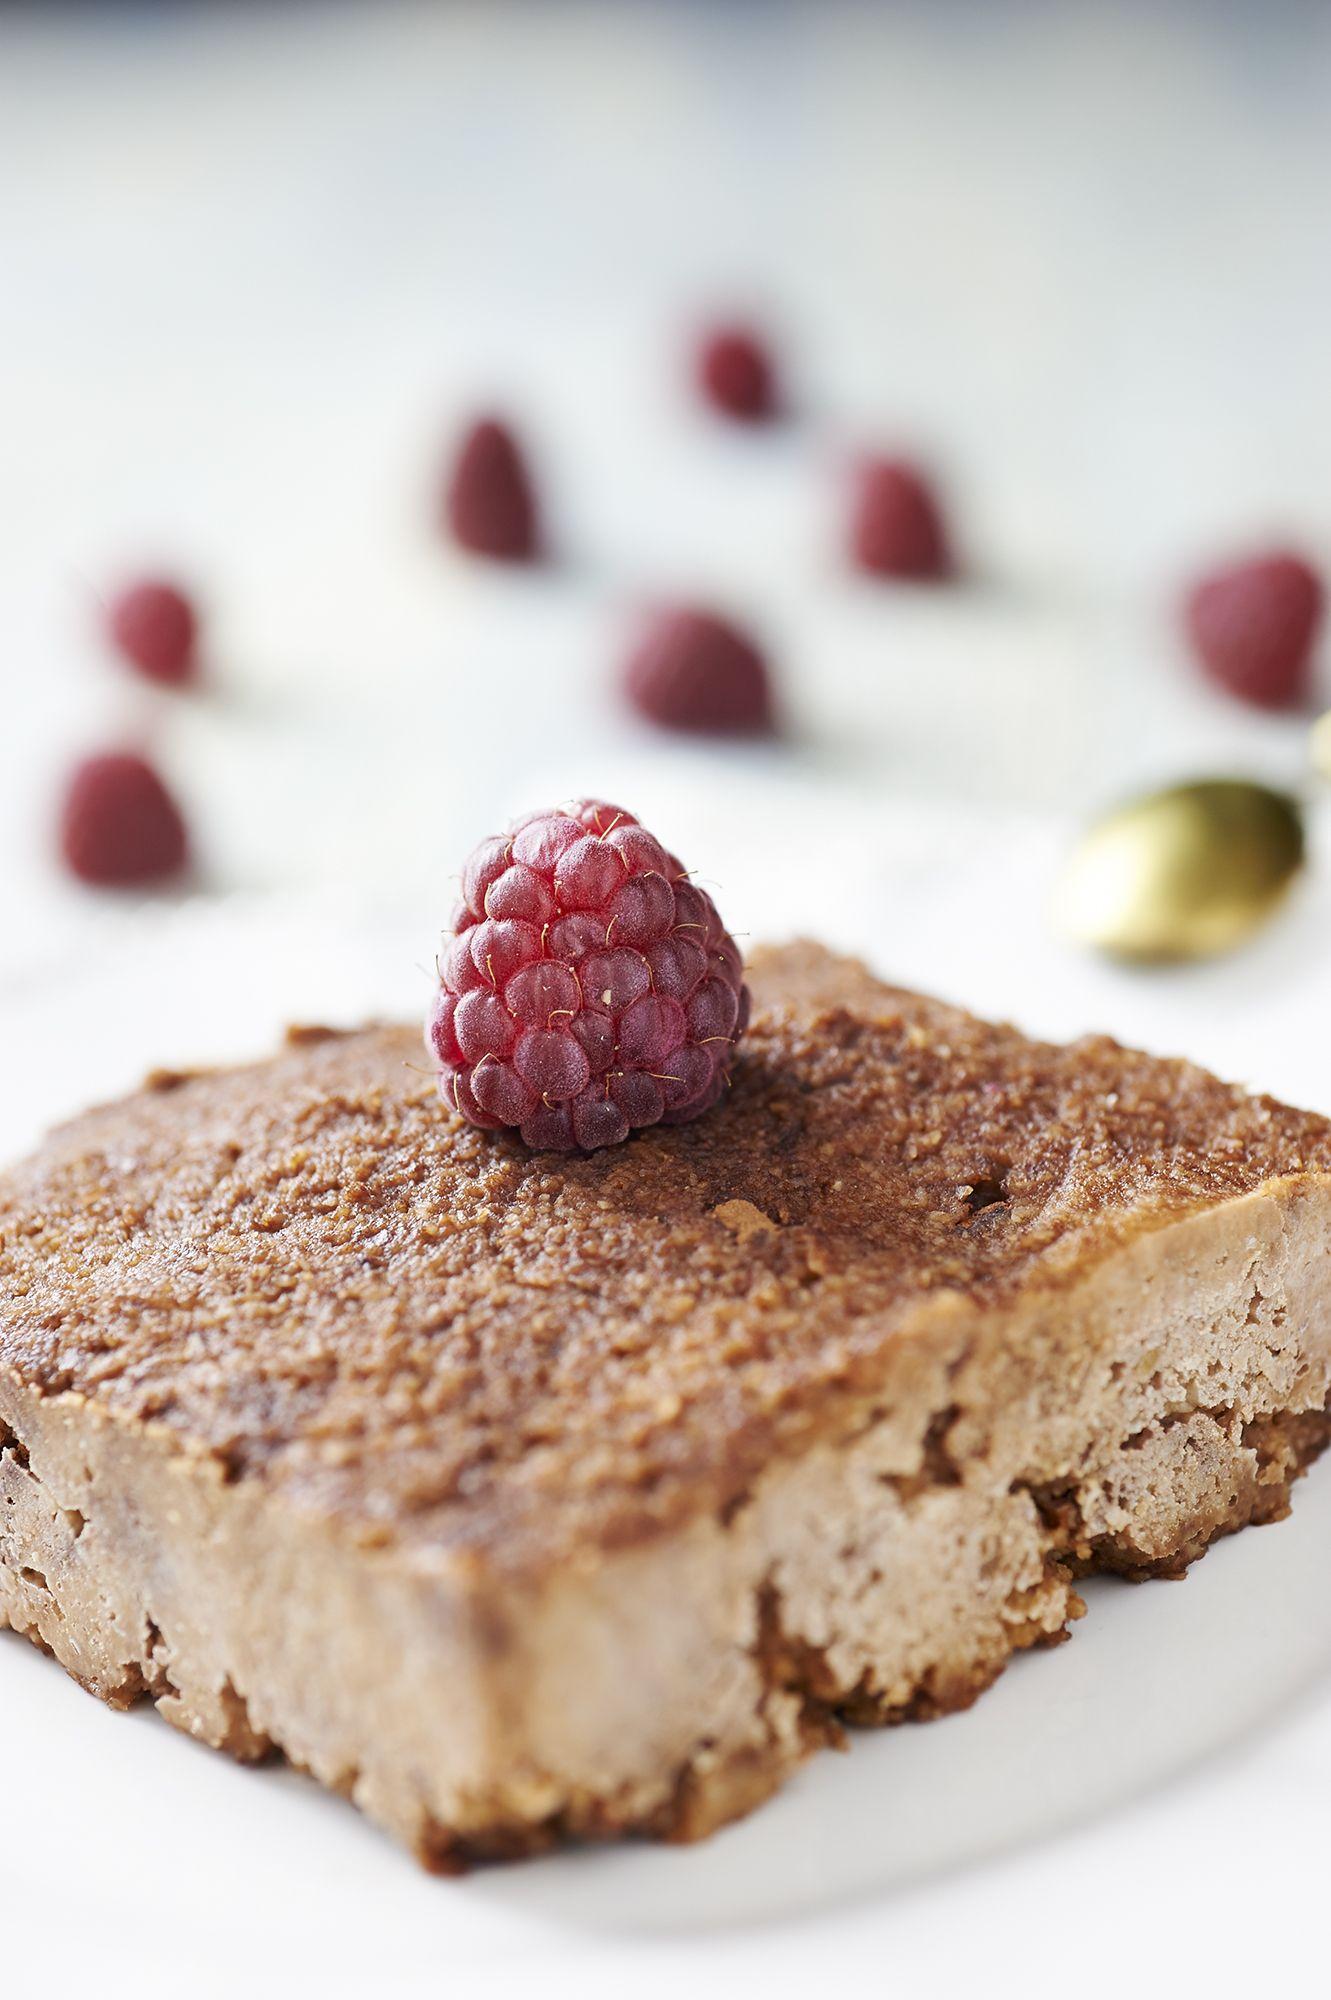 BIGODINO torta crudista al cioccolato e lamponi 11 copia